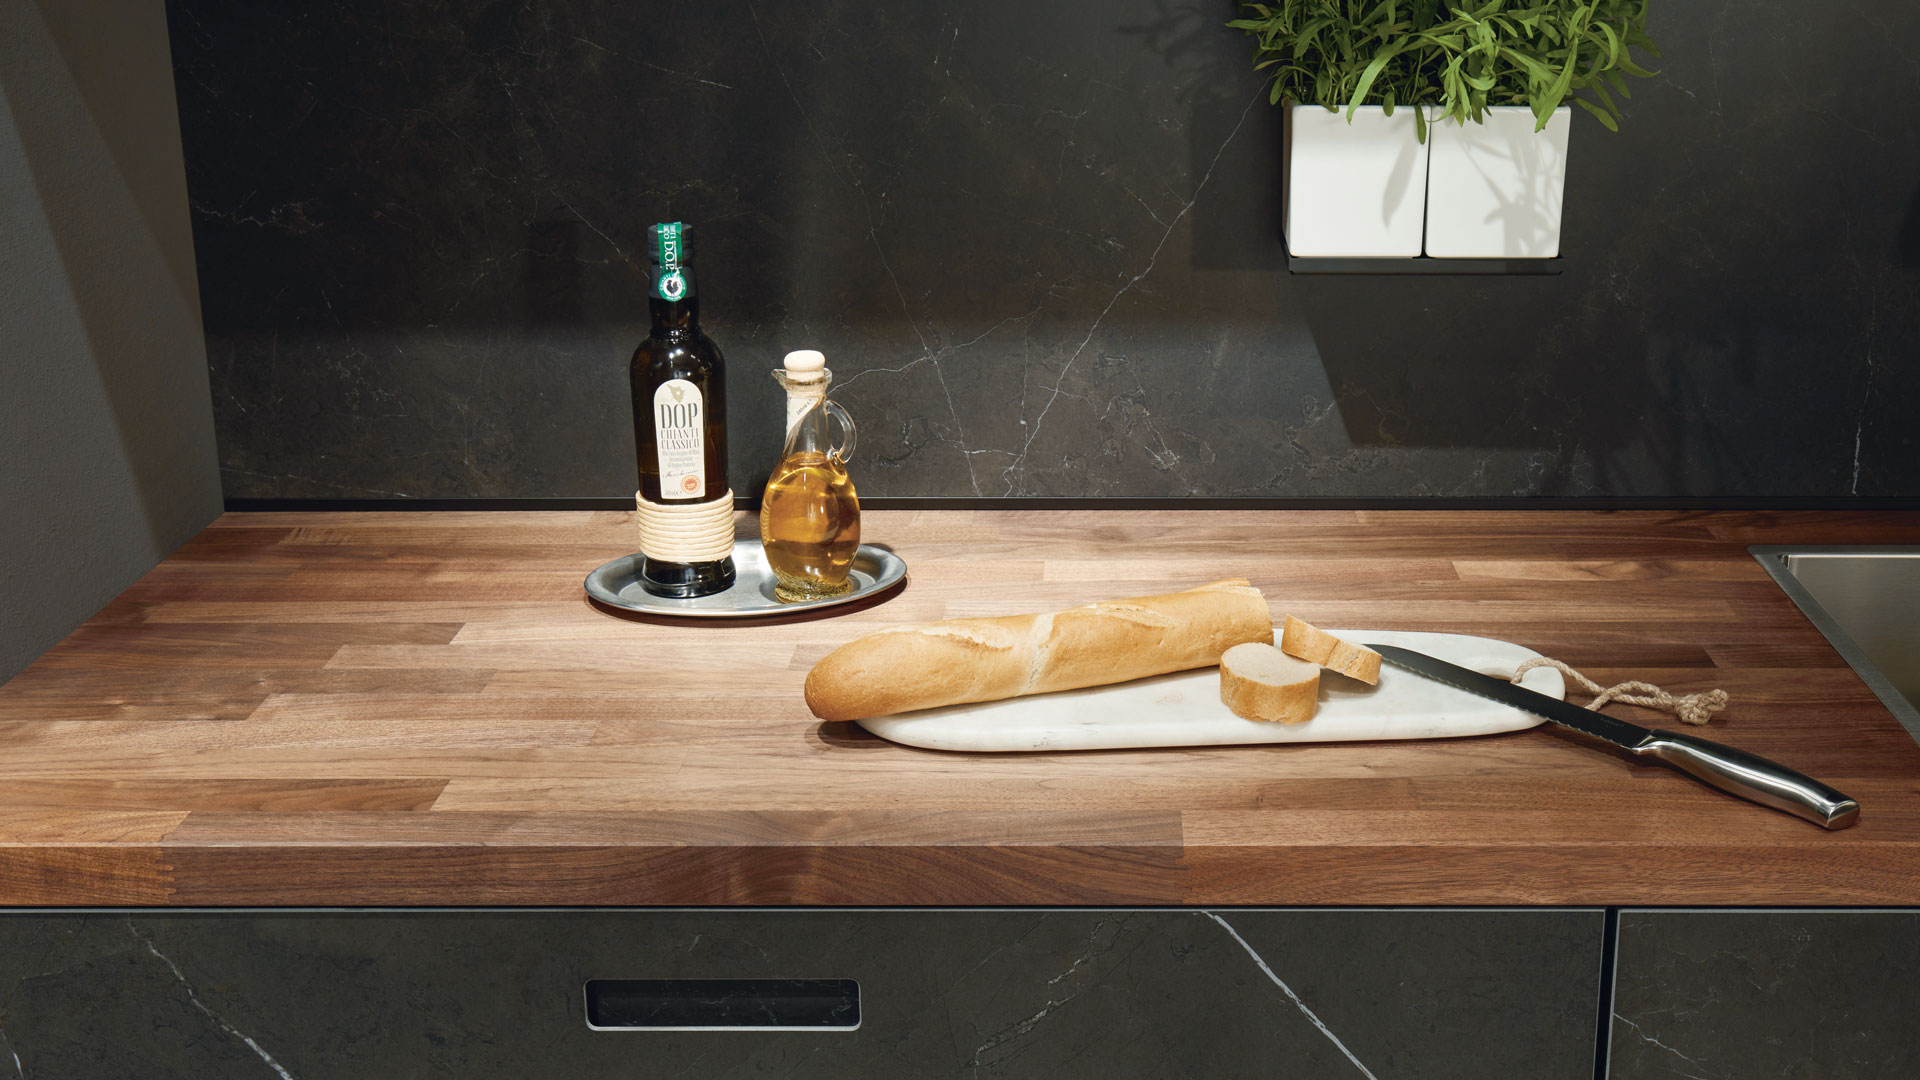 Küchenarbeitsplatten in Holz, Stein, Glas, Ceramic bei Miele Center Markant in Vorarlberg